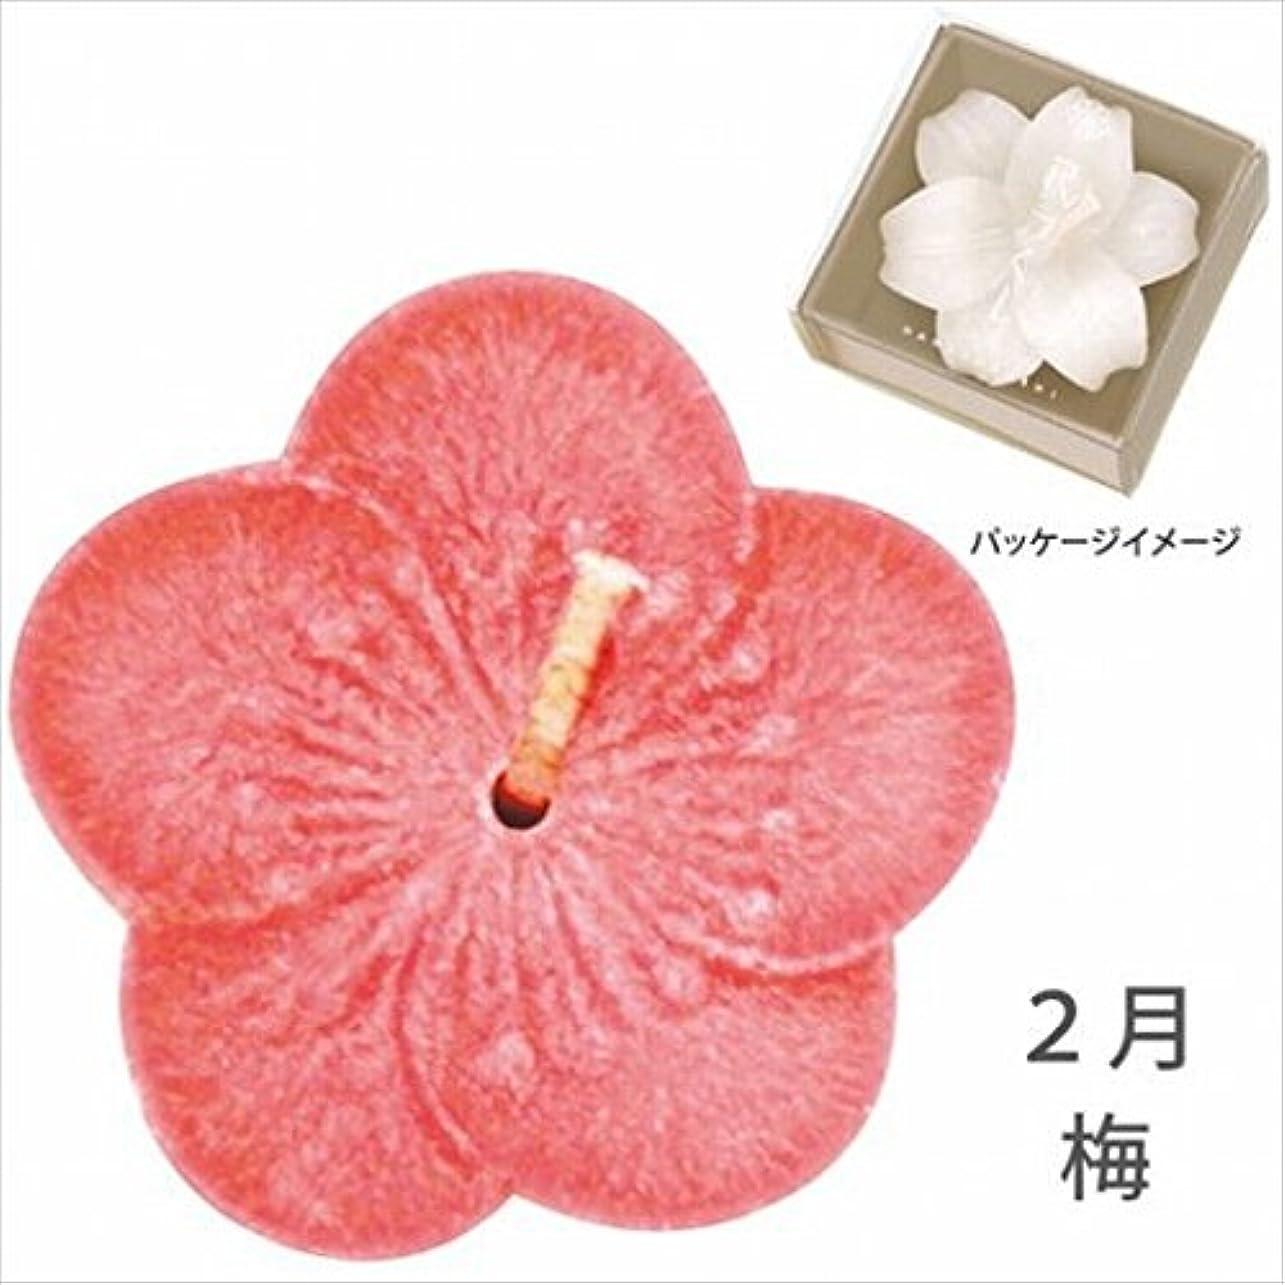 ブレーキ興奮する大腿カメヤマキャンドル( kameyama candle ) 花づくし(植物性) 梅 「 梅(2月) 」 キャンドル